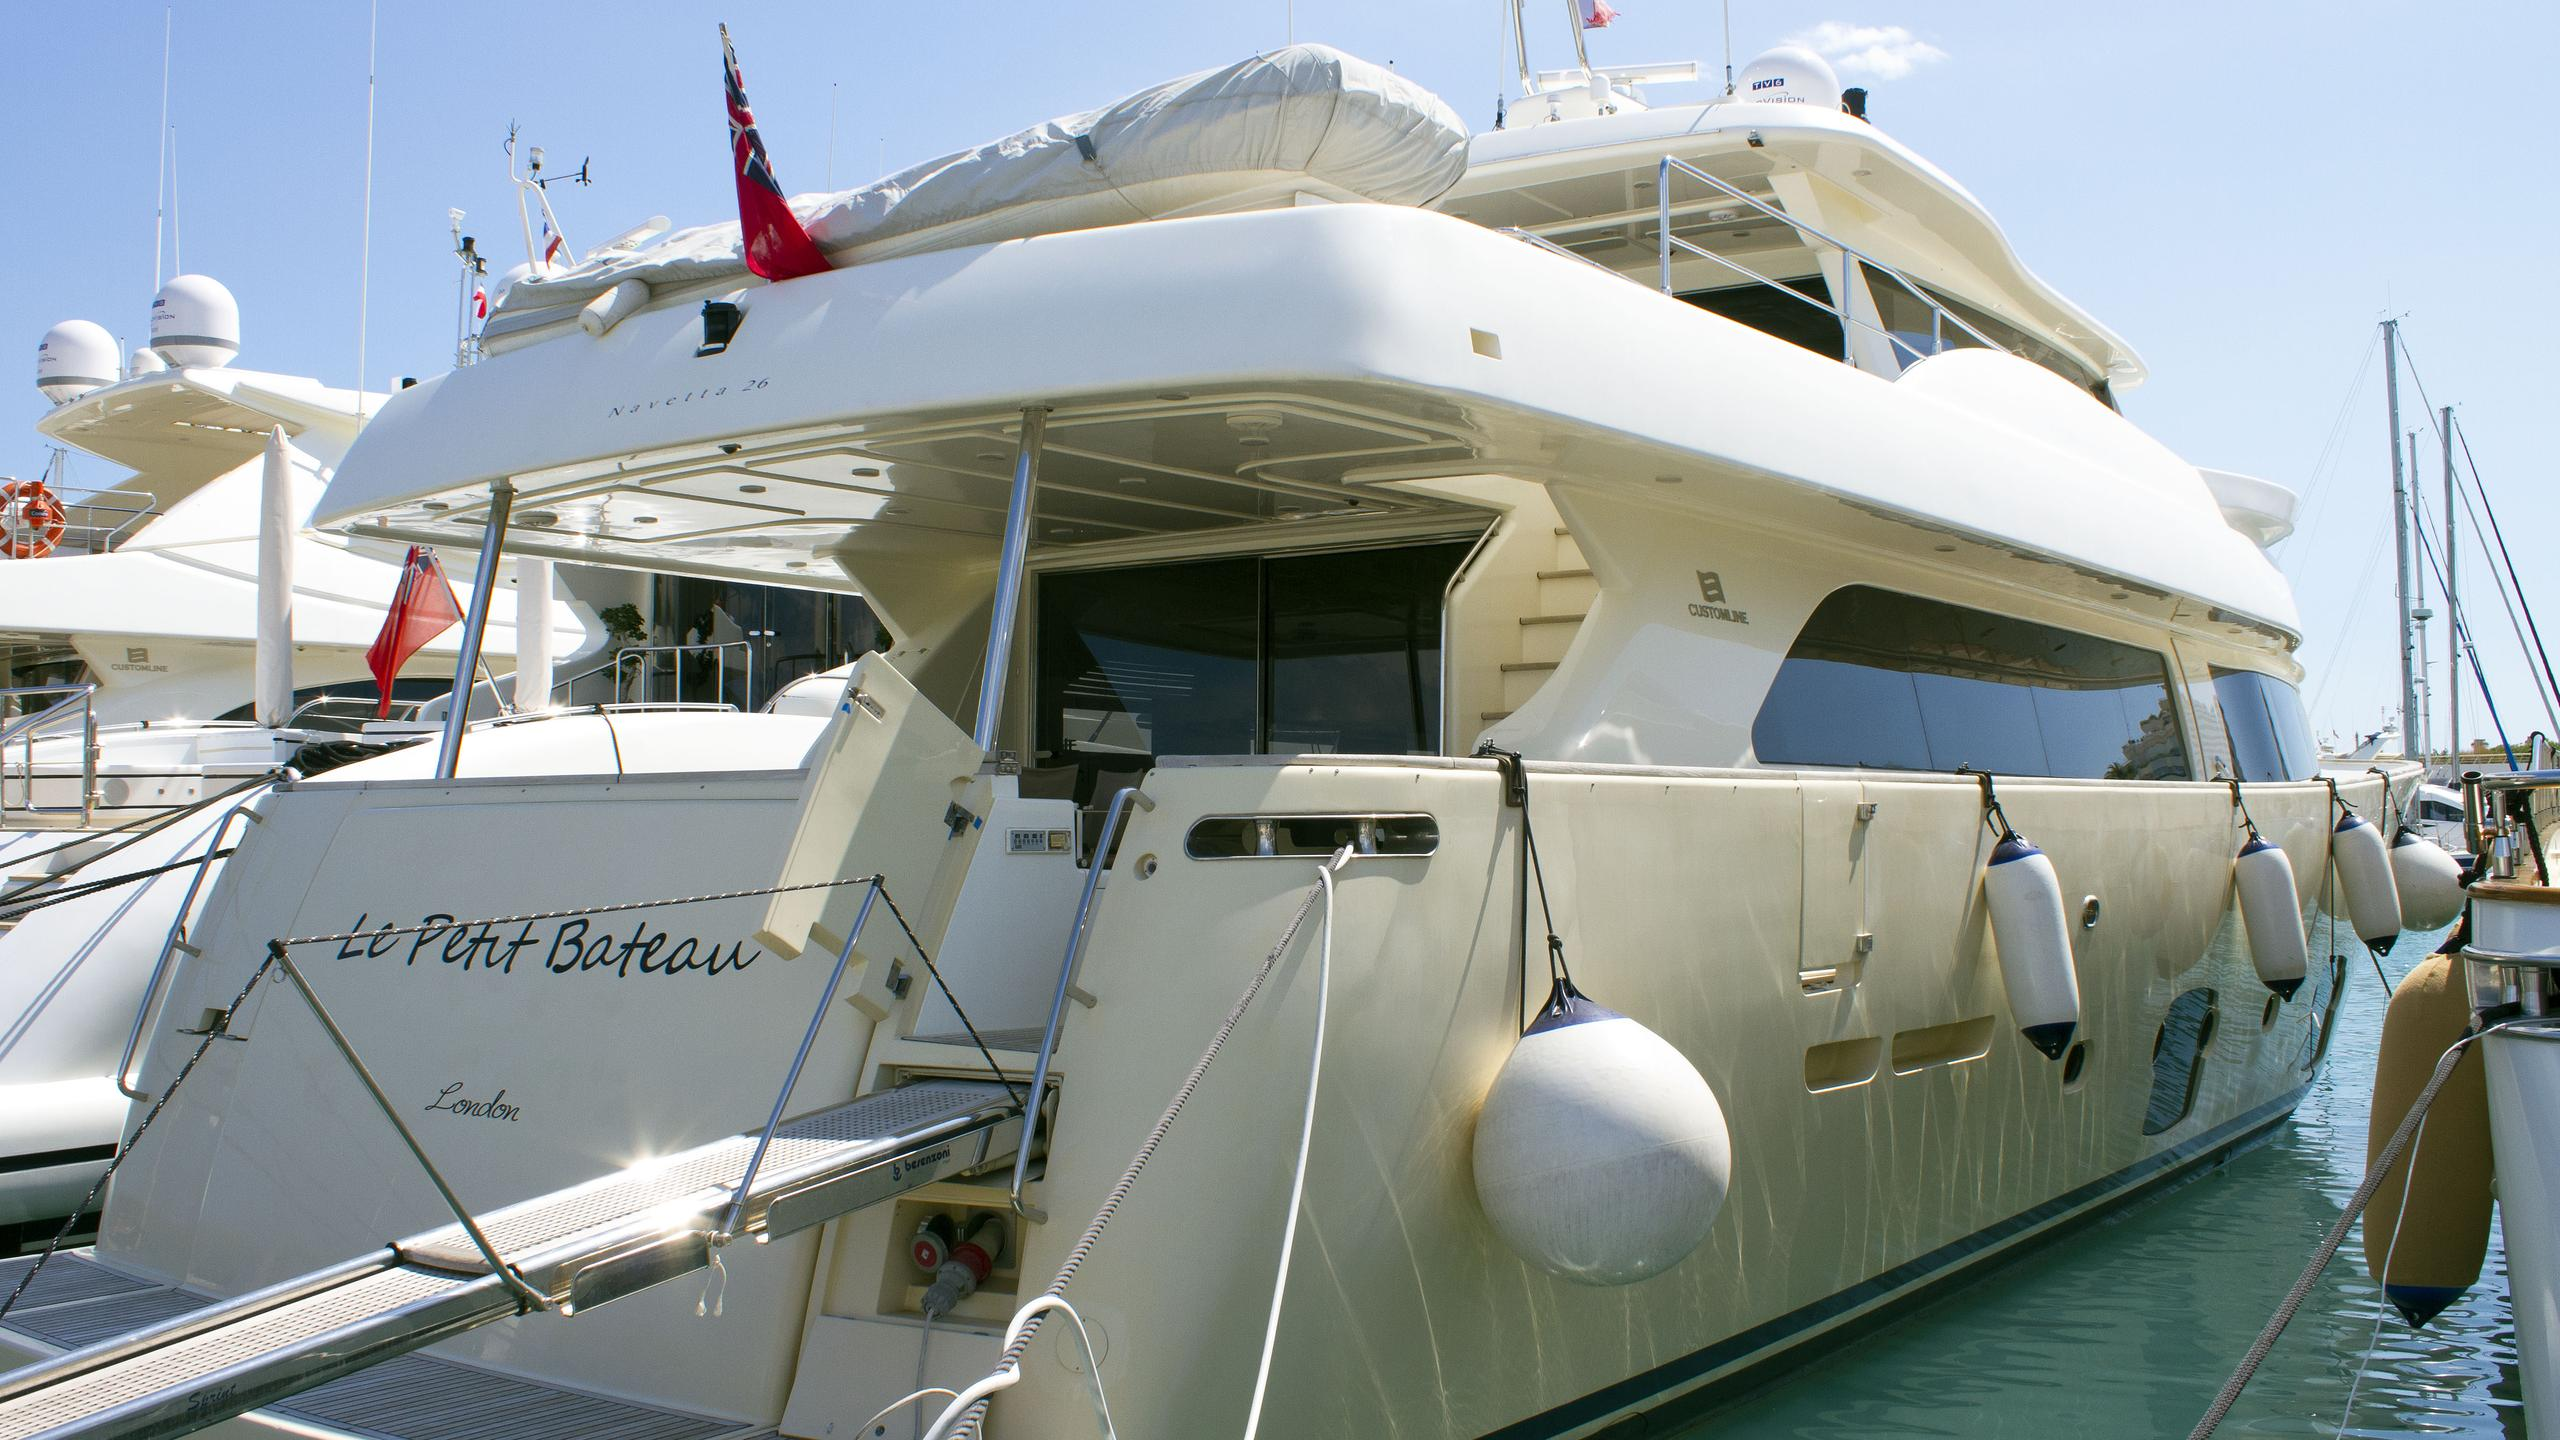 le-petit-bateau-motor-yacht-ferretti-custom-line-2010-26m-stern